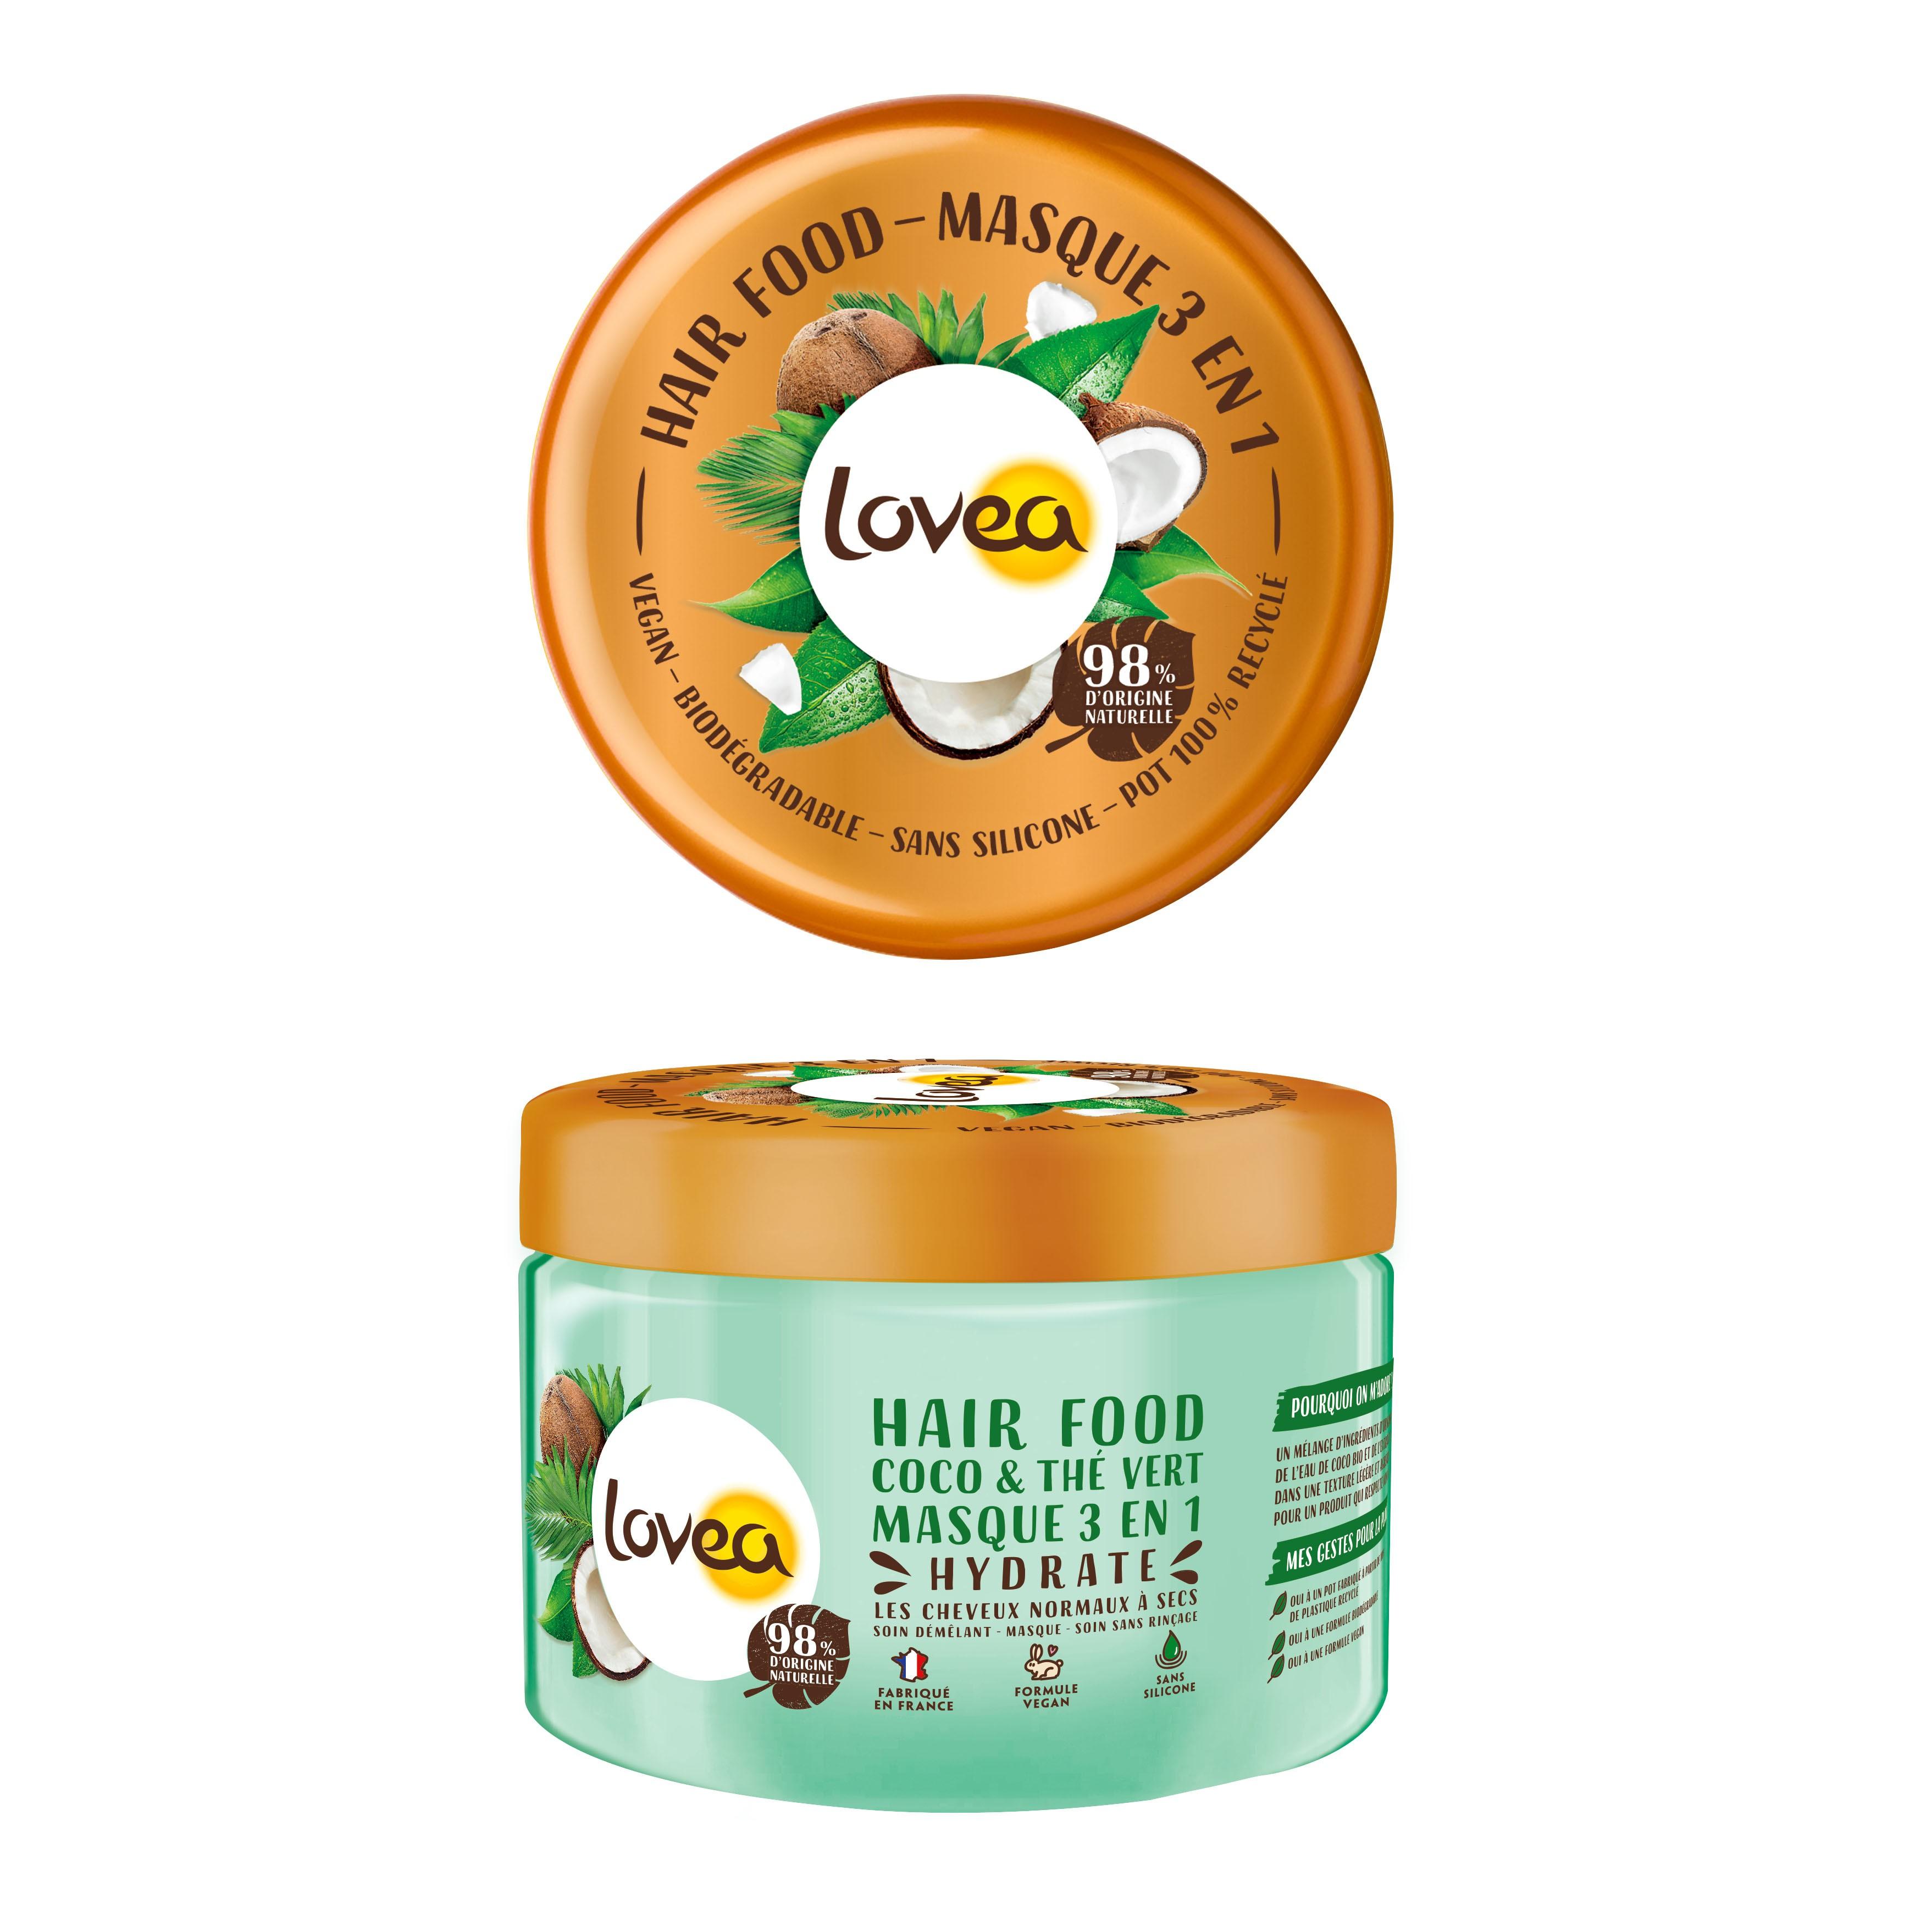 Lovea綠茶椰子三合一護髮膜 390ml